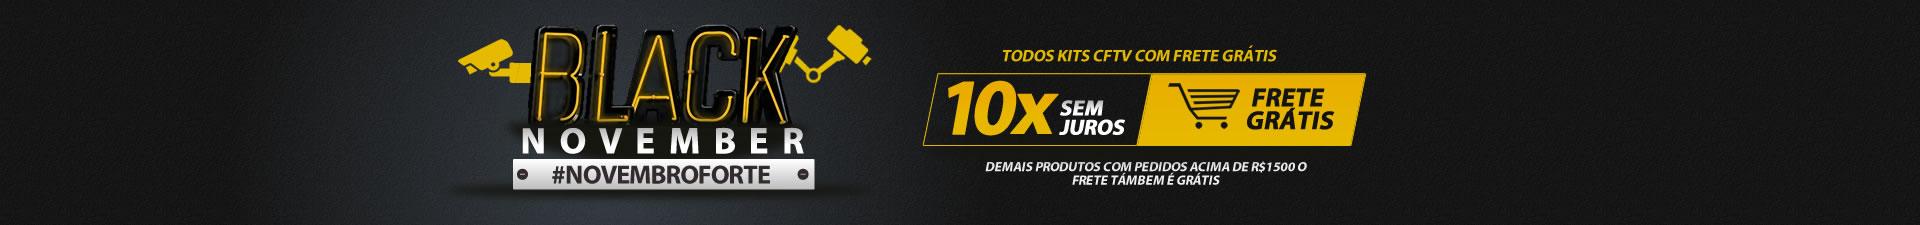 frete gratis acima de 1500 reais